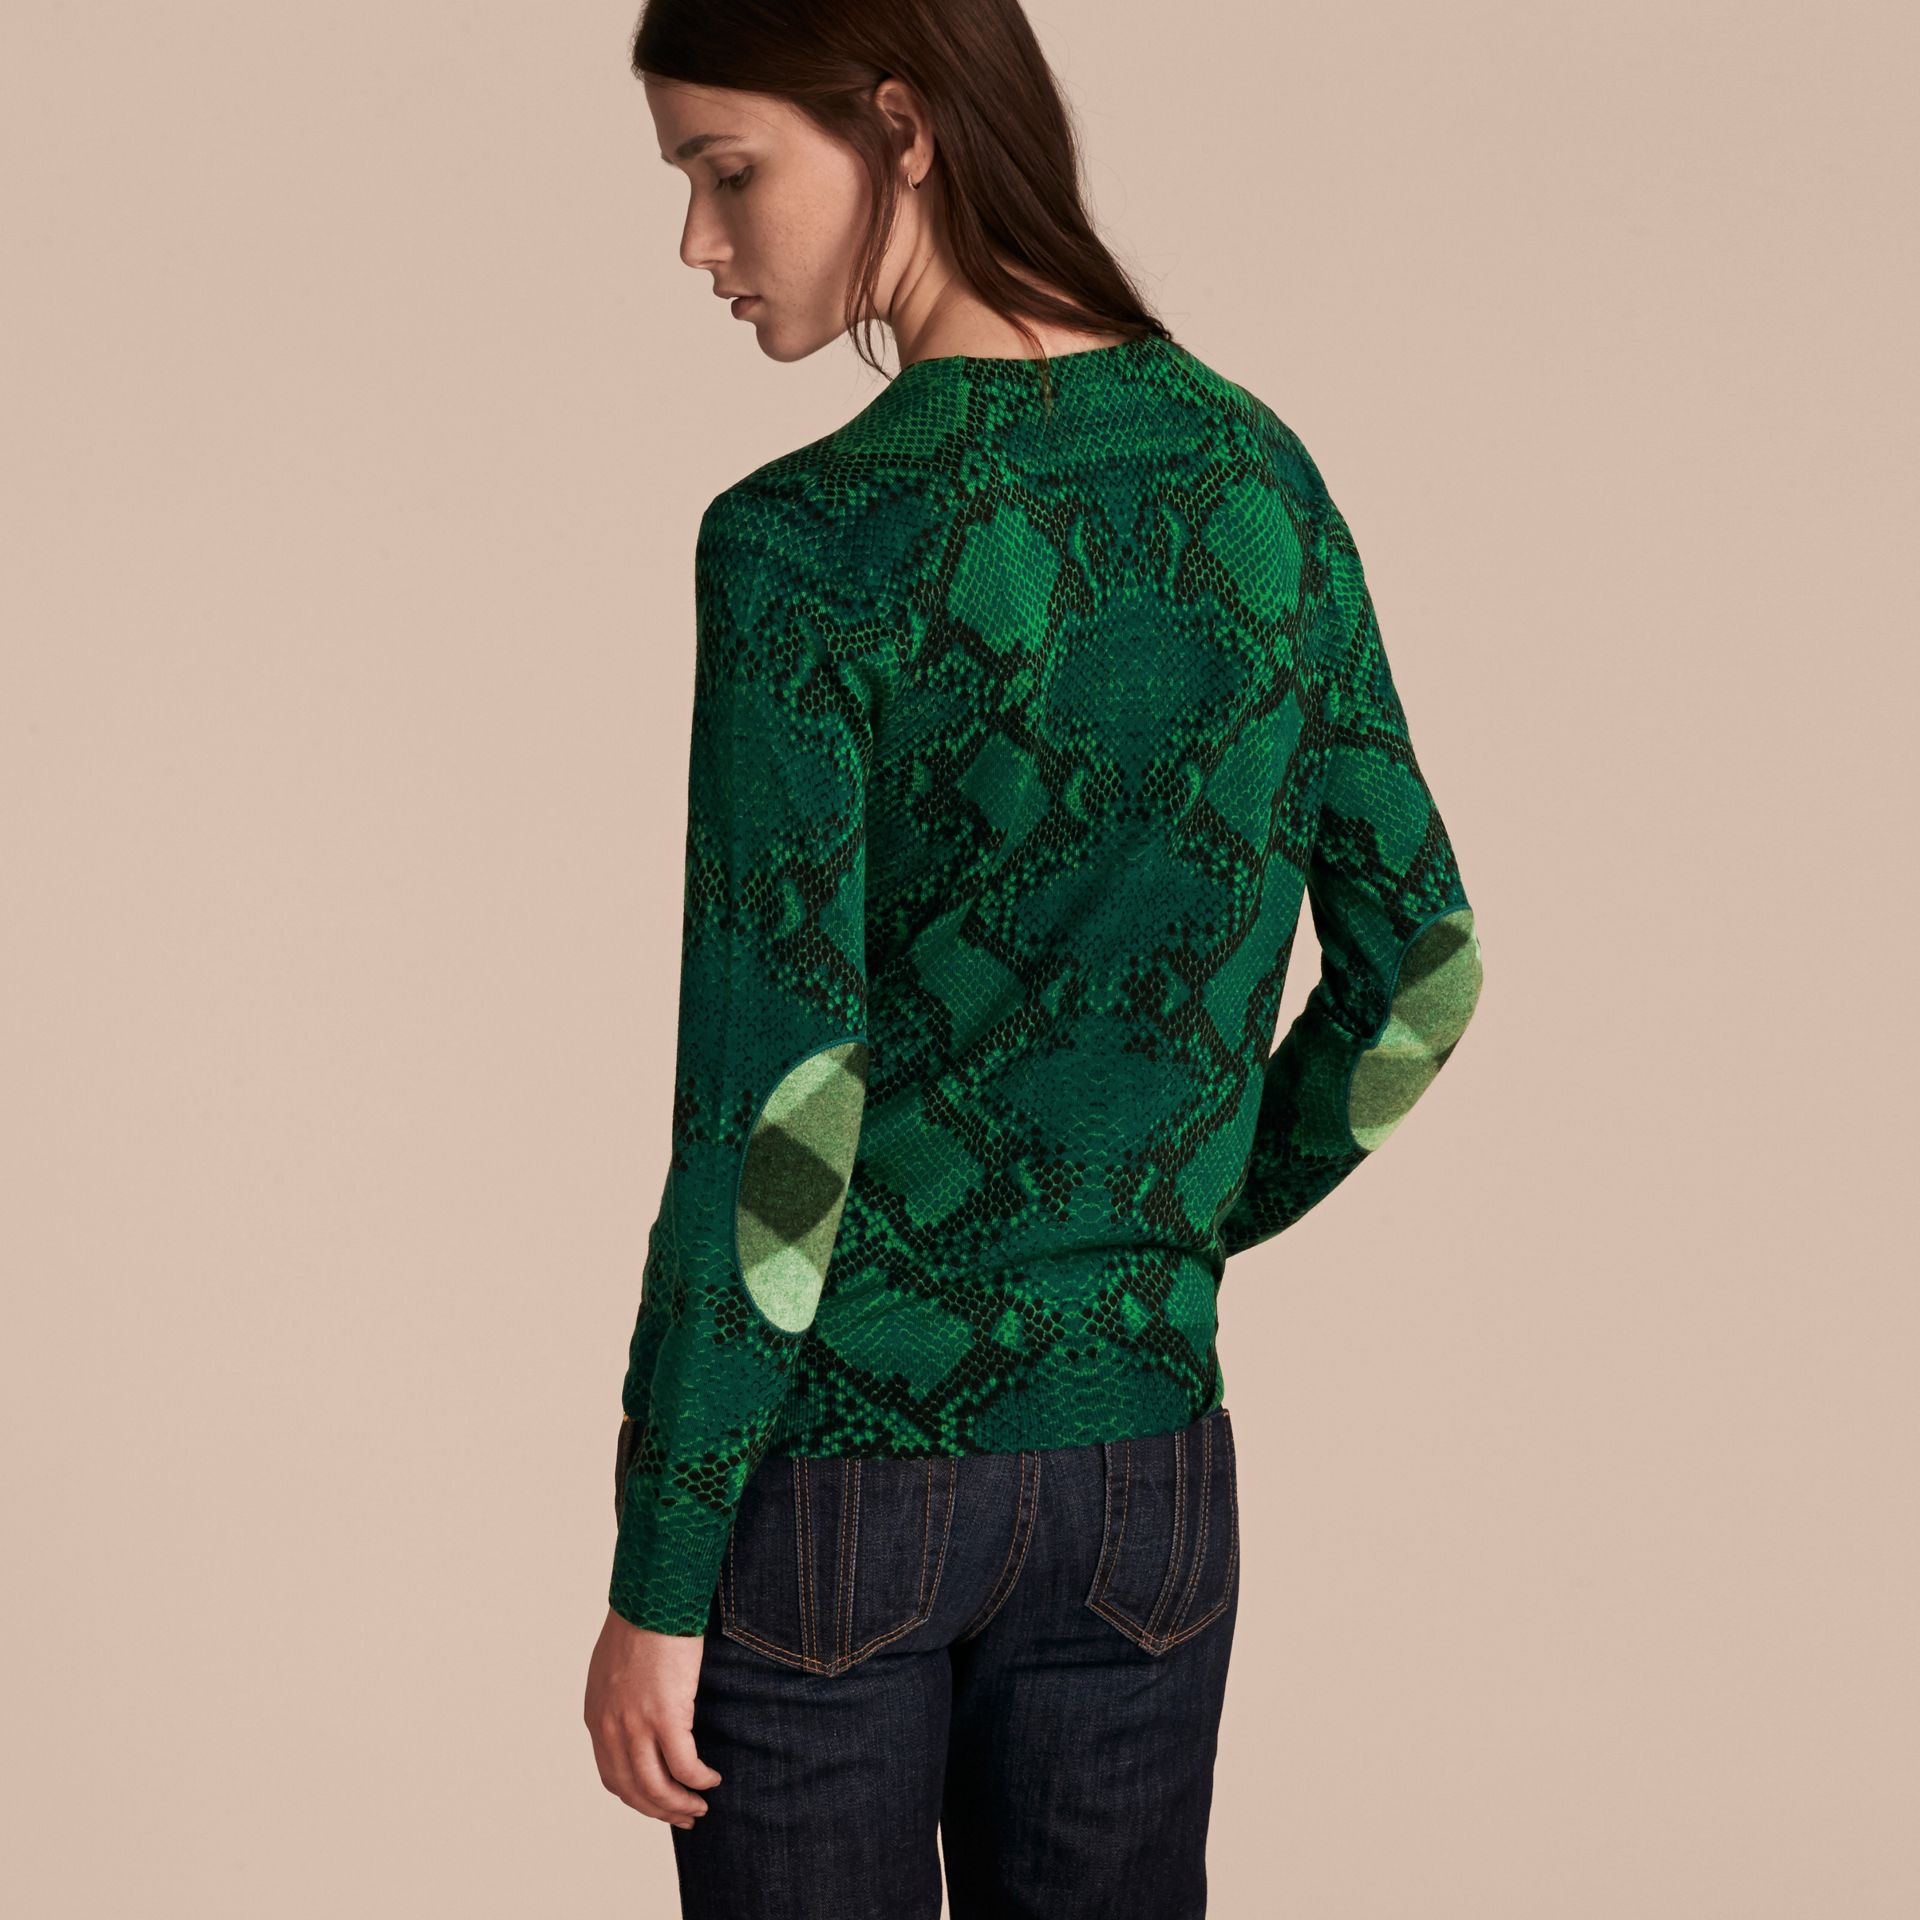 Verde pigmento Suéter de lã Merino com estampa de píton e detalhe xadrez Verde Pigmento - galeria de imagens 3